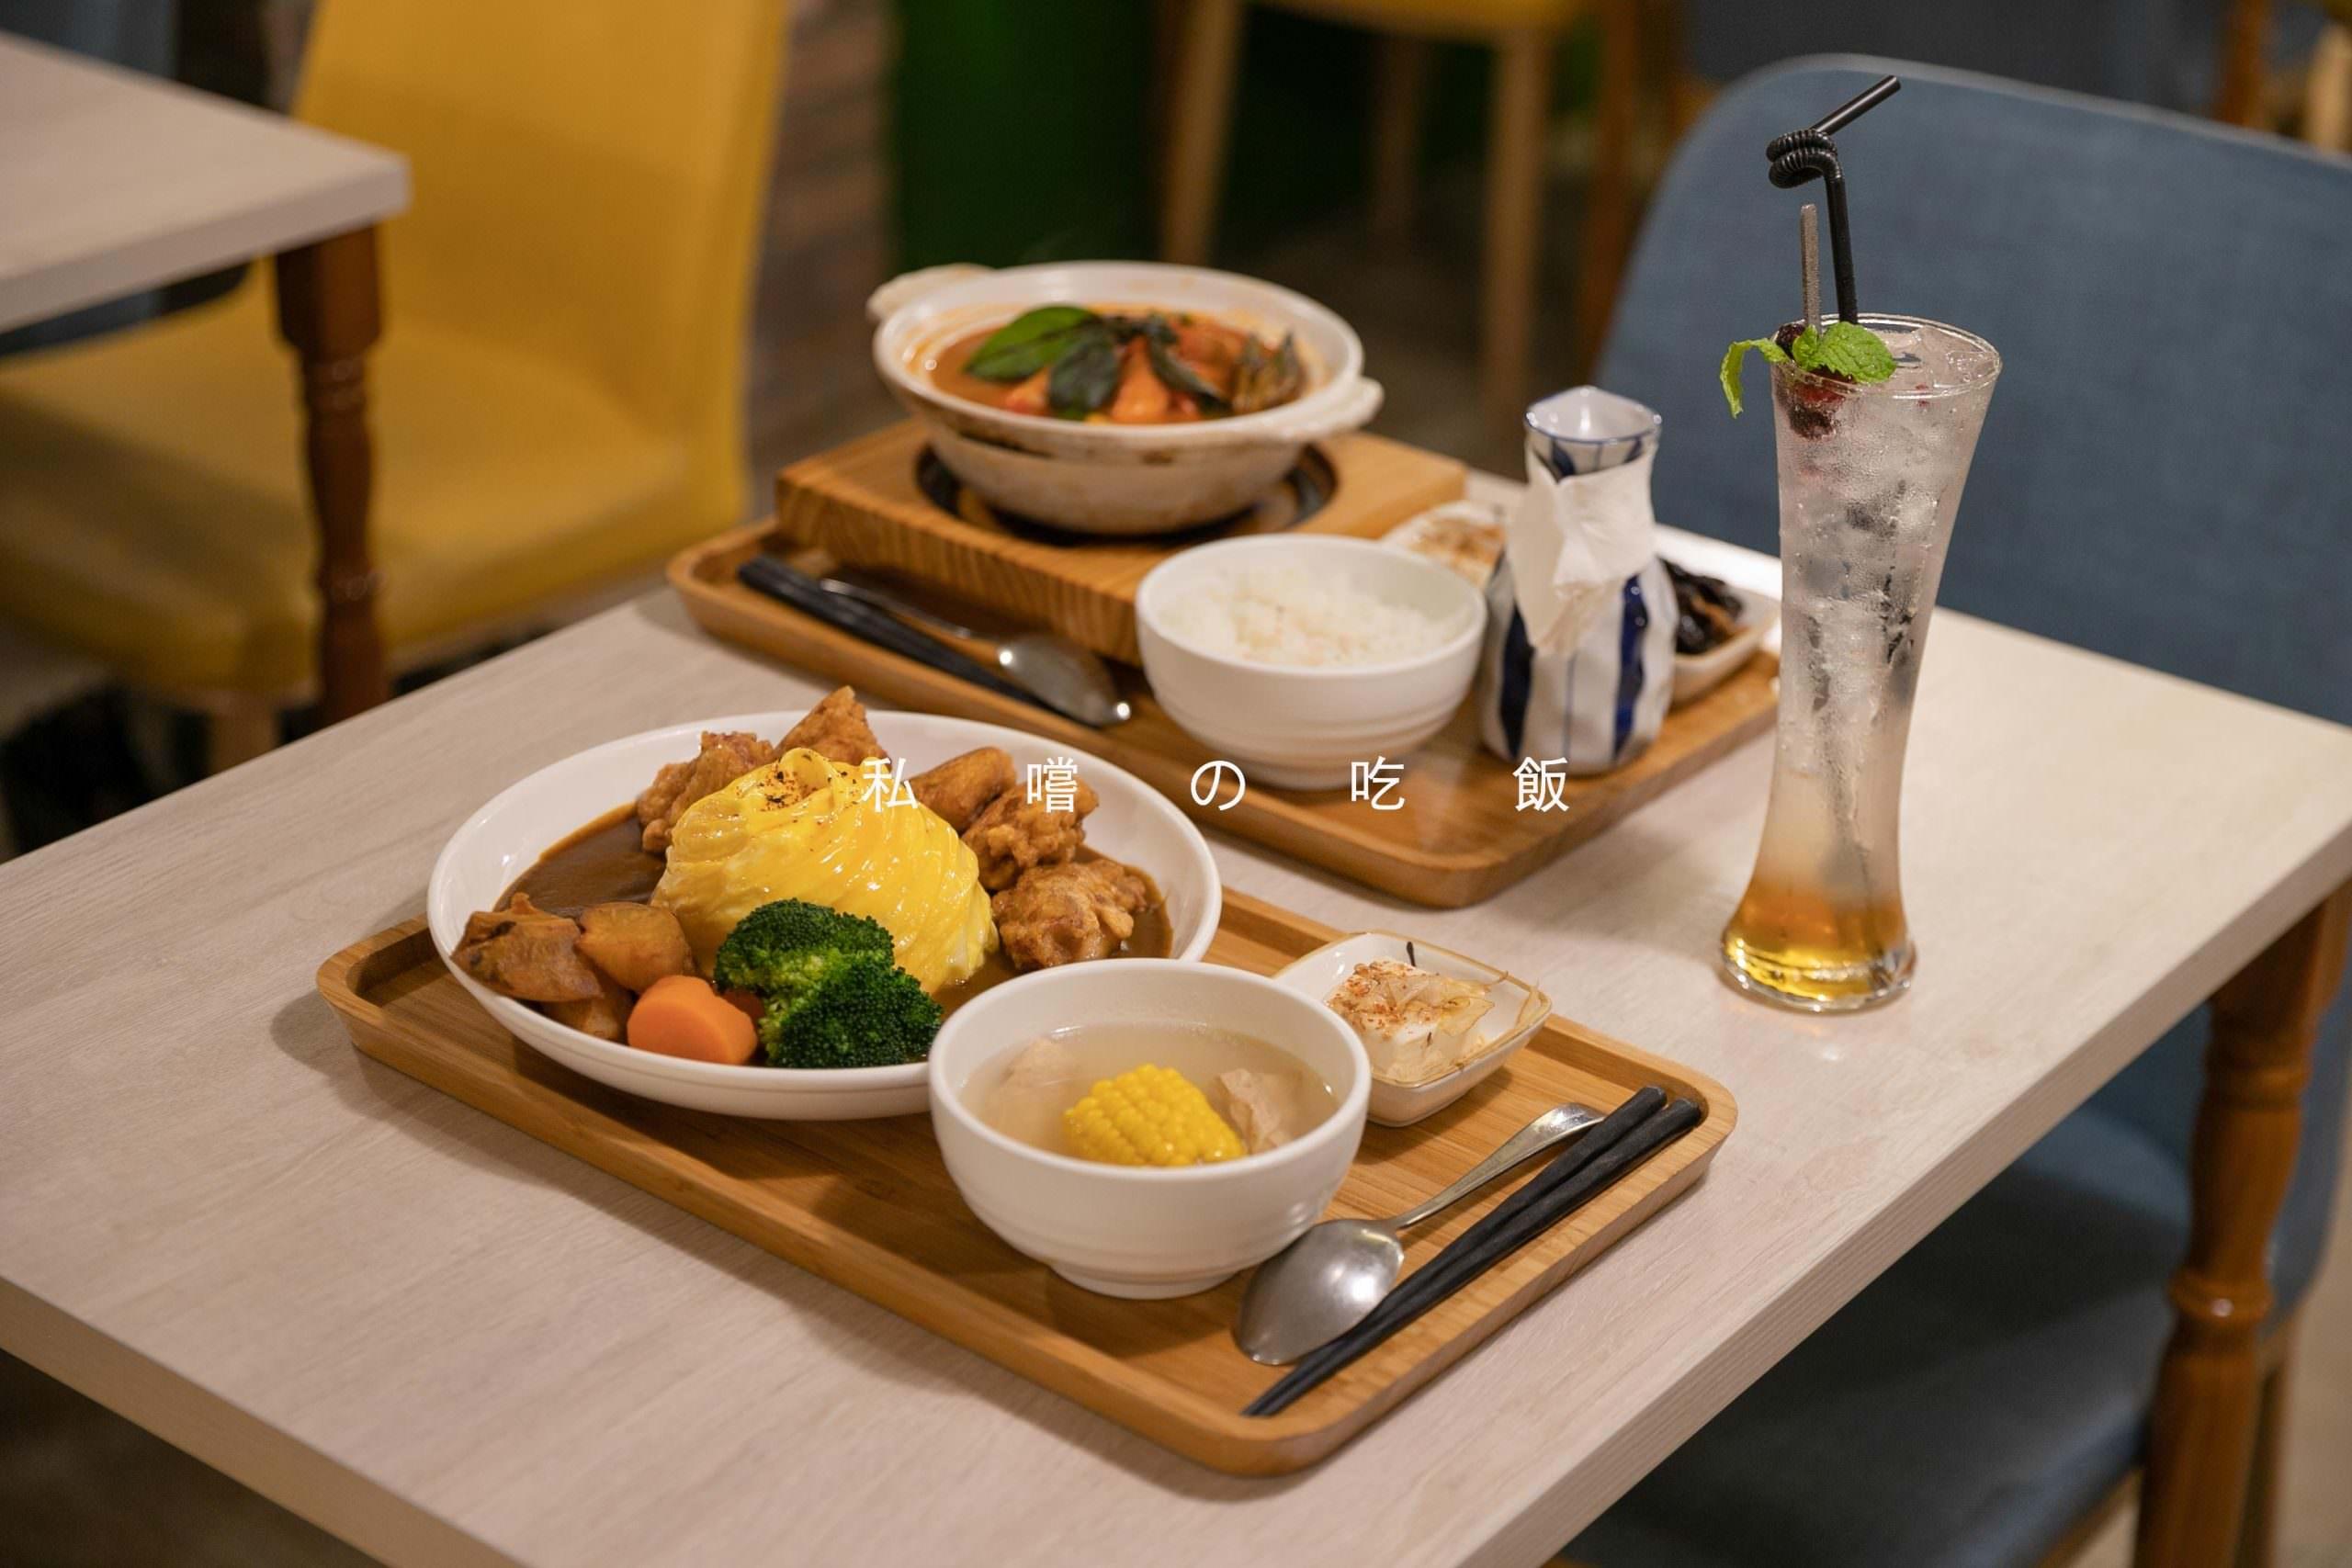 新竹美食| DAIMA 大馬南洋料理 隱藏在金山街的馬來西亞美食 - 嗨我是紹